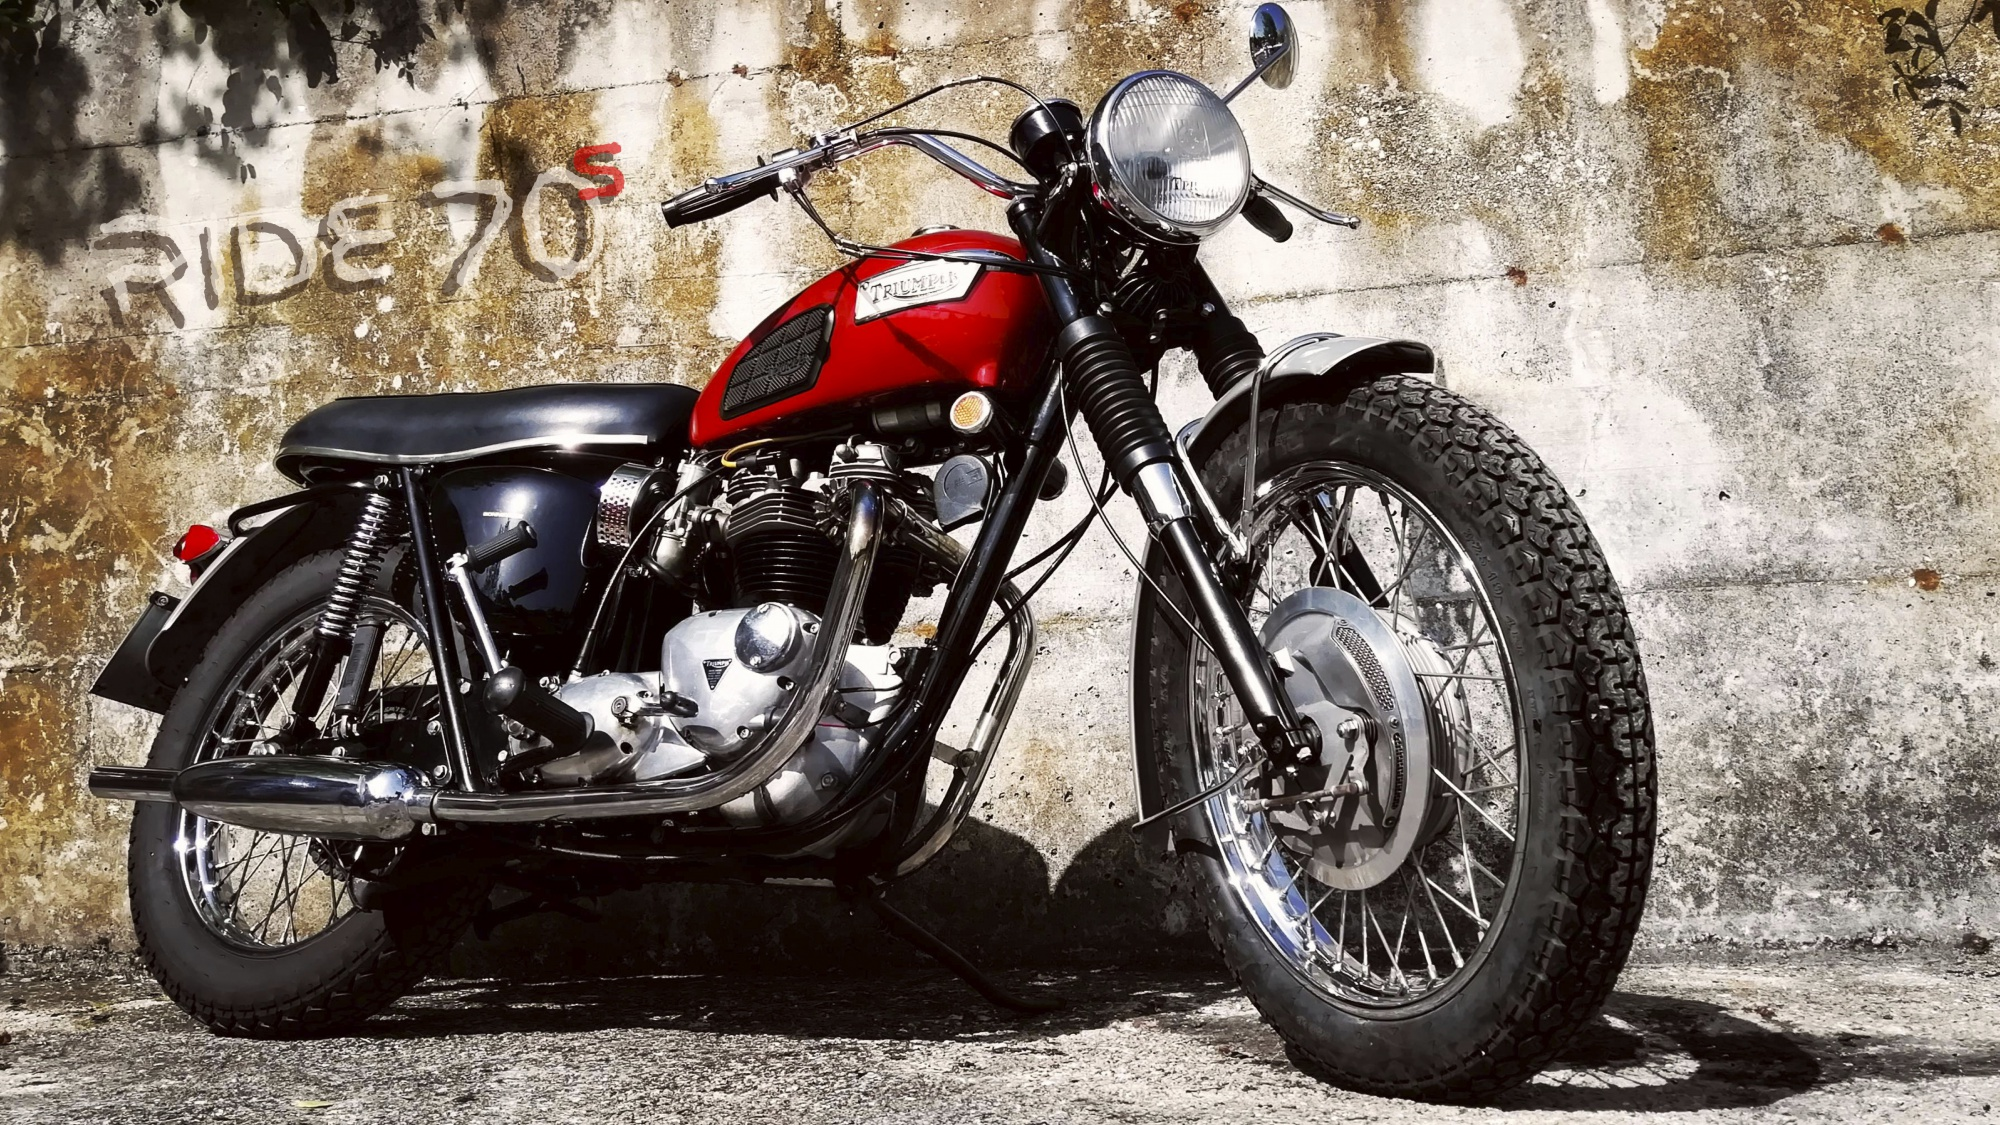 ride70s en 1969-triumph-bonneville-t120r 002